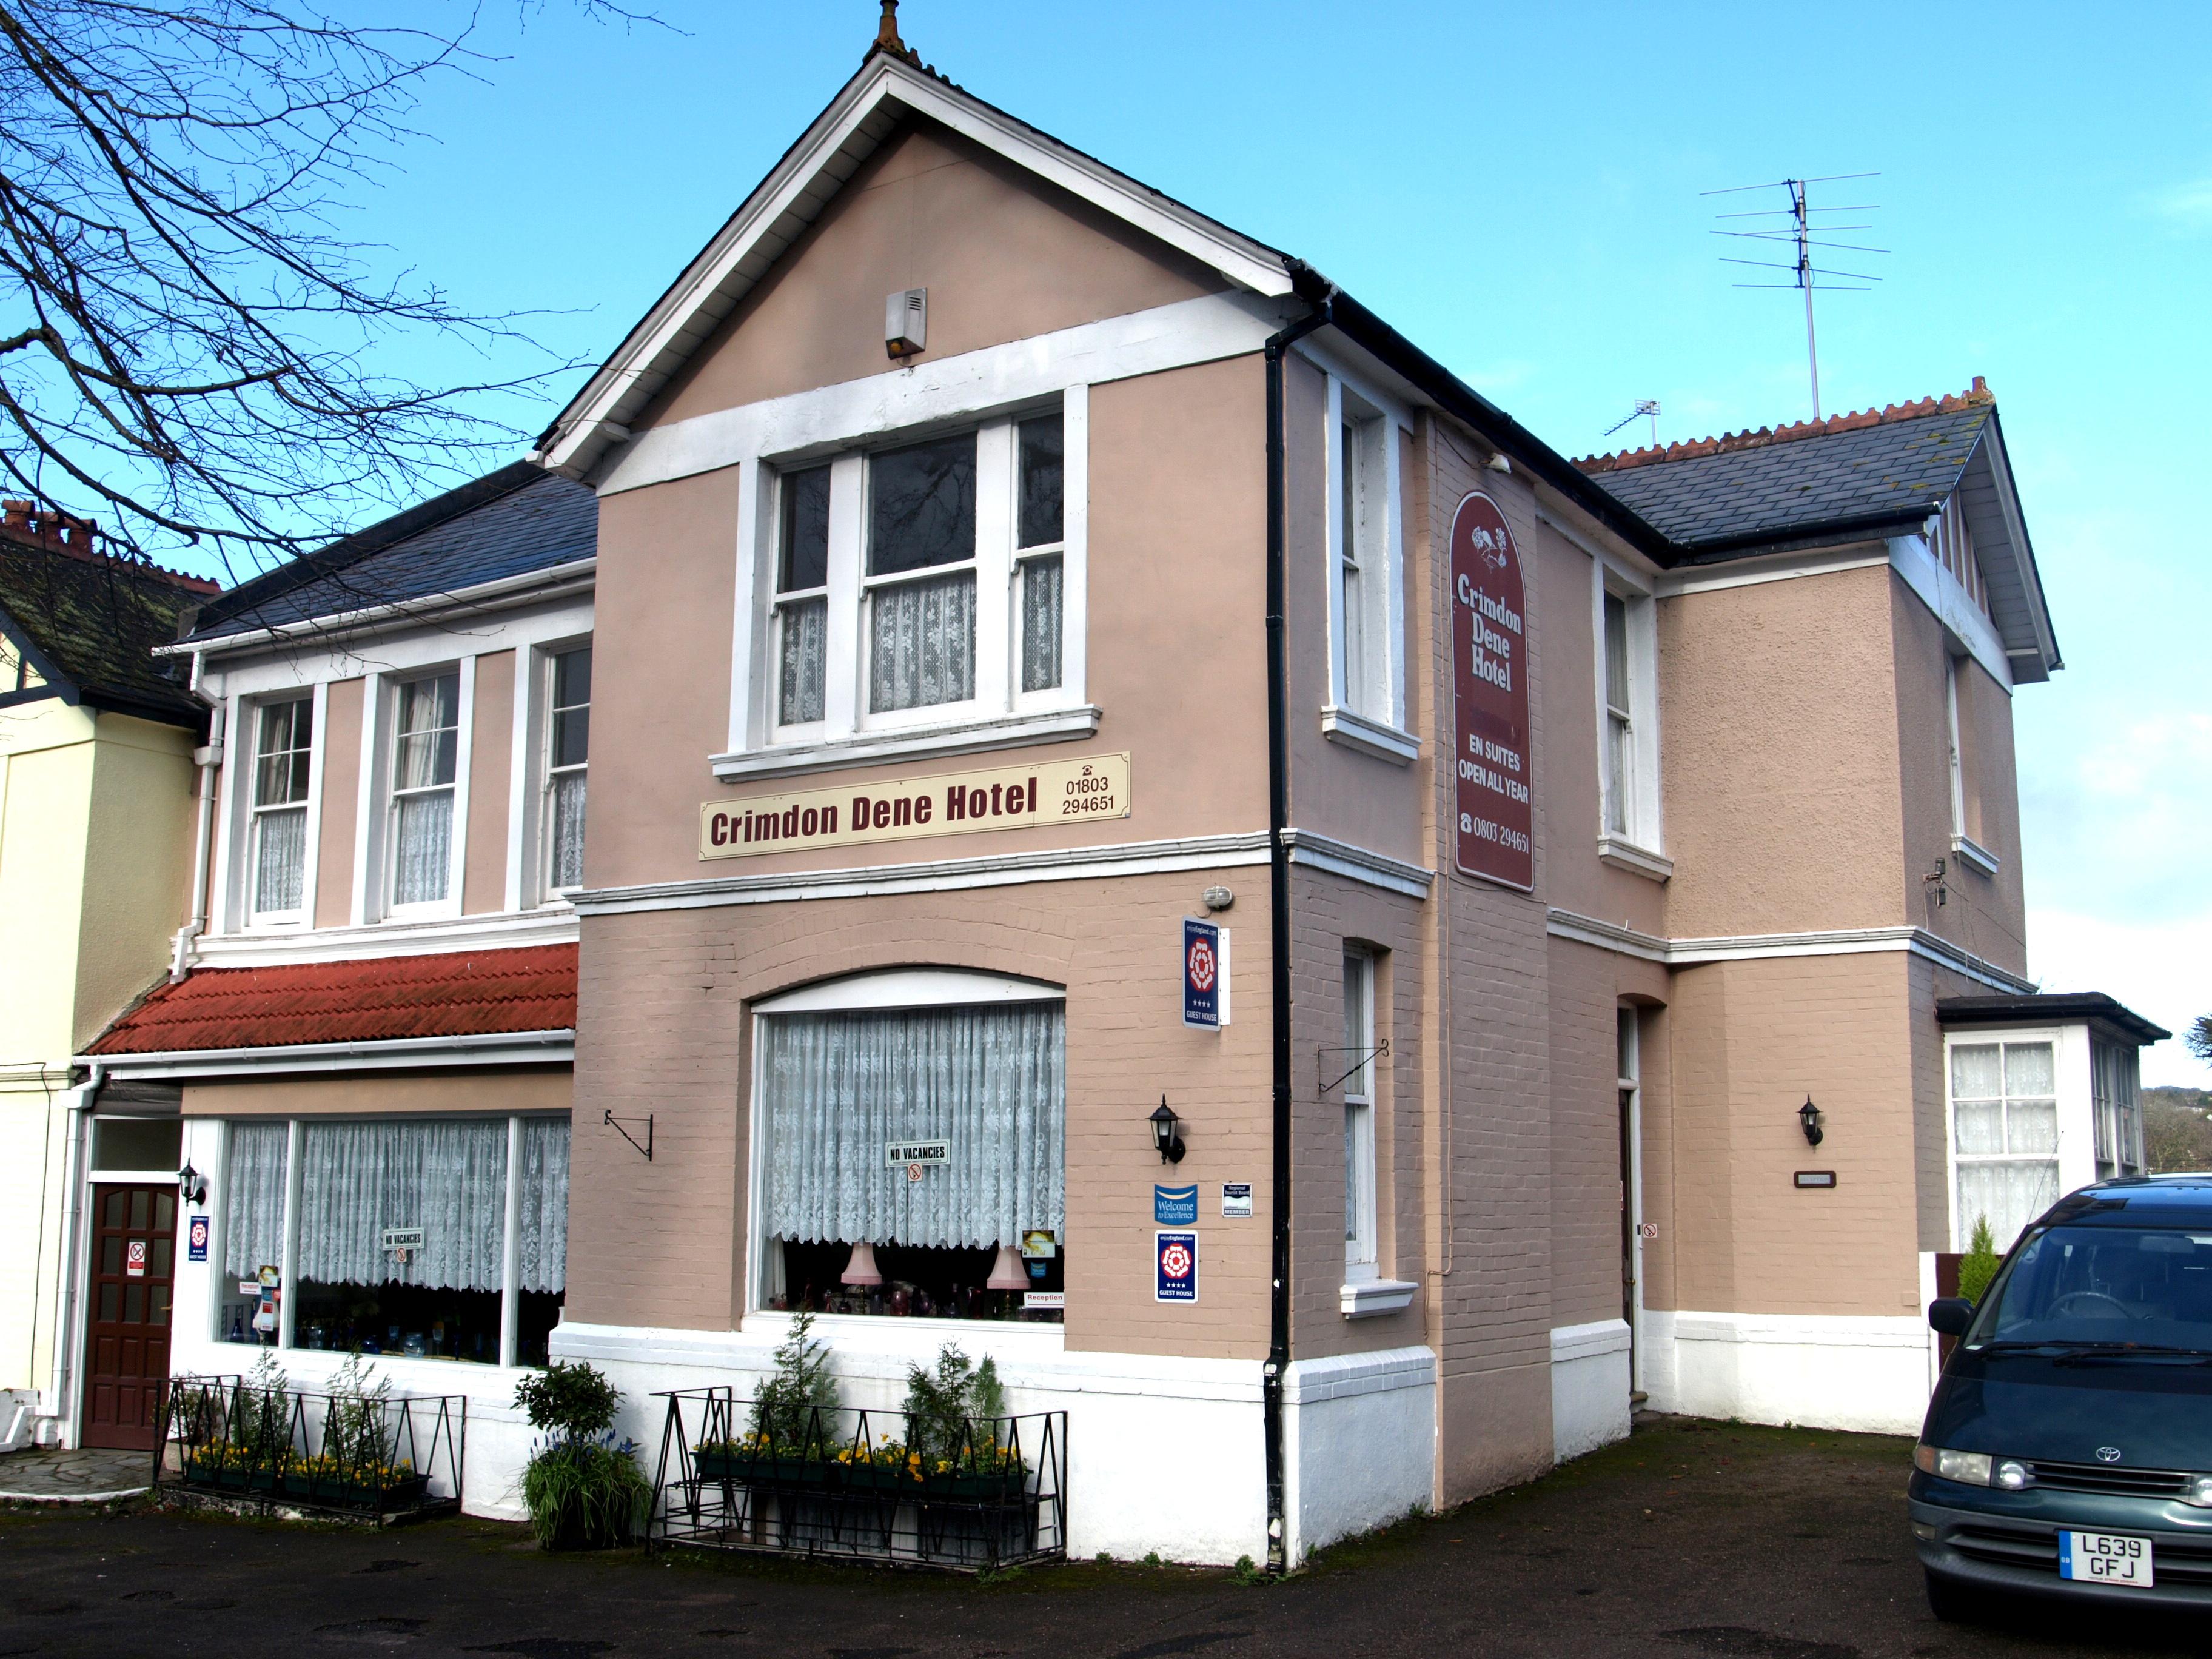 Crimdon Dene Hotel